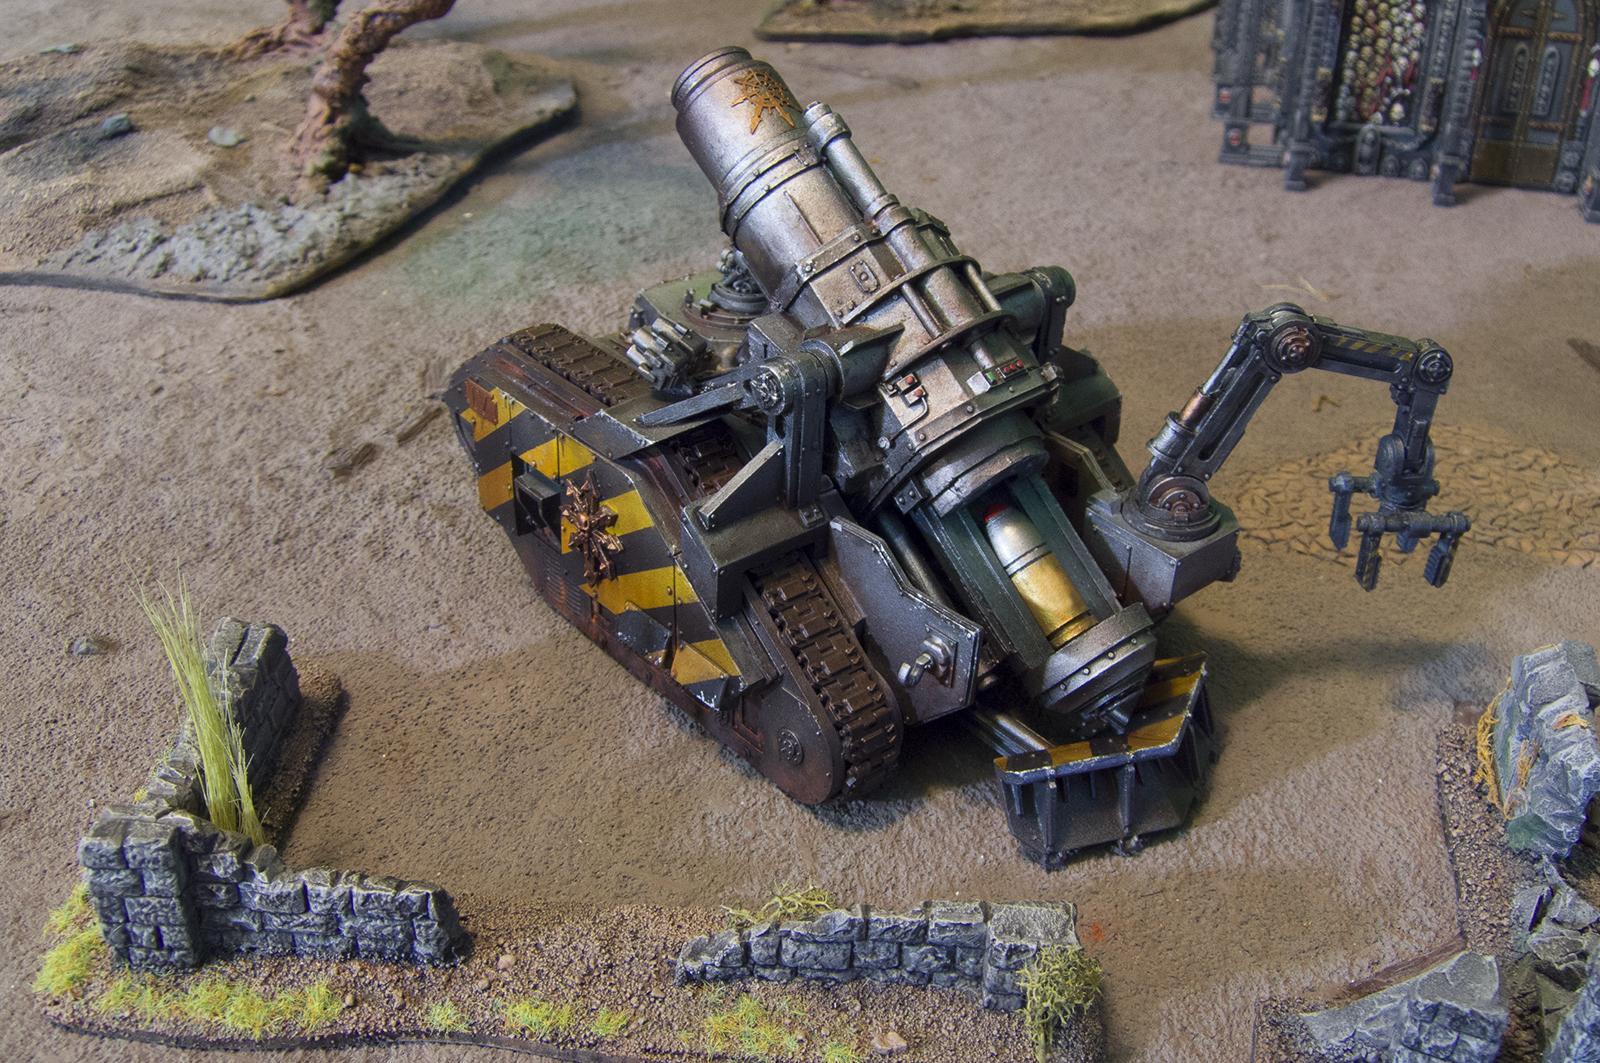 Armor, Artillery, Bombard, Chaos, Iron Warriors, Traitor, Traitor Guard